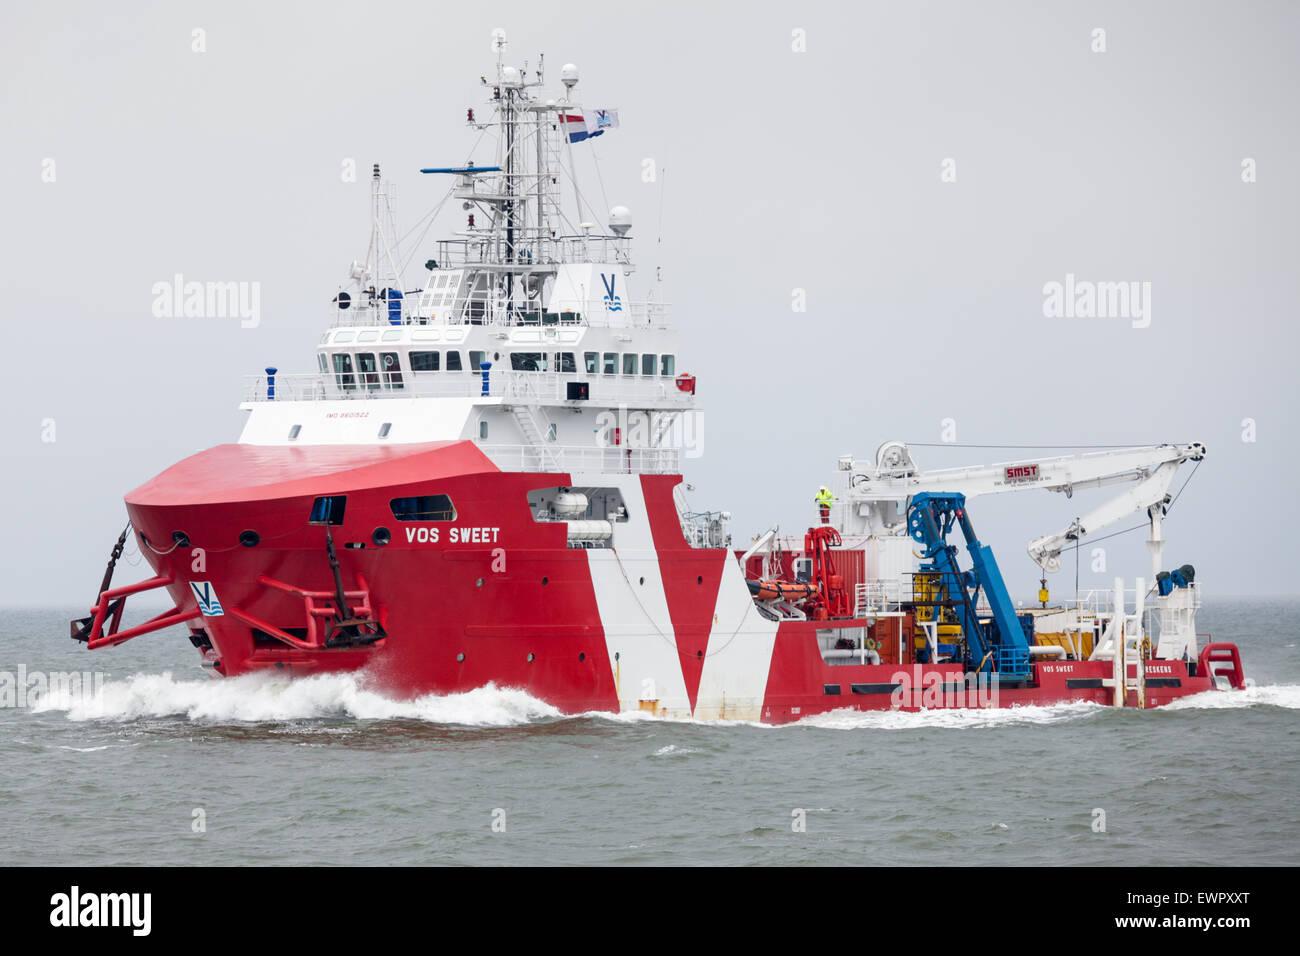 Bateau Offshore, Vos doux, navigation sur l'estuaire de l'Ems en route vers Eemshaven aux Pays-Bas. Photo Stock